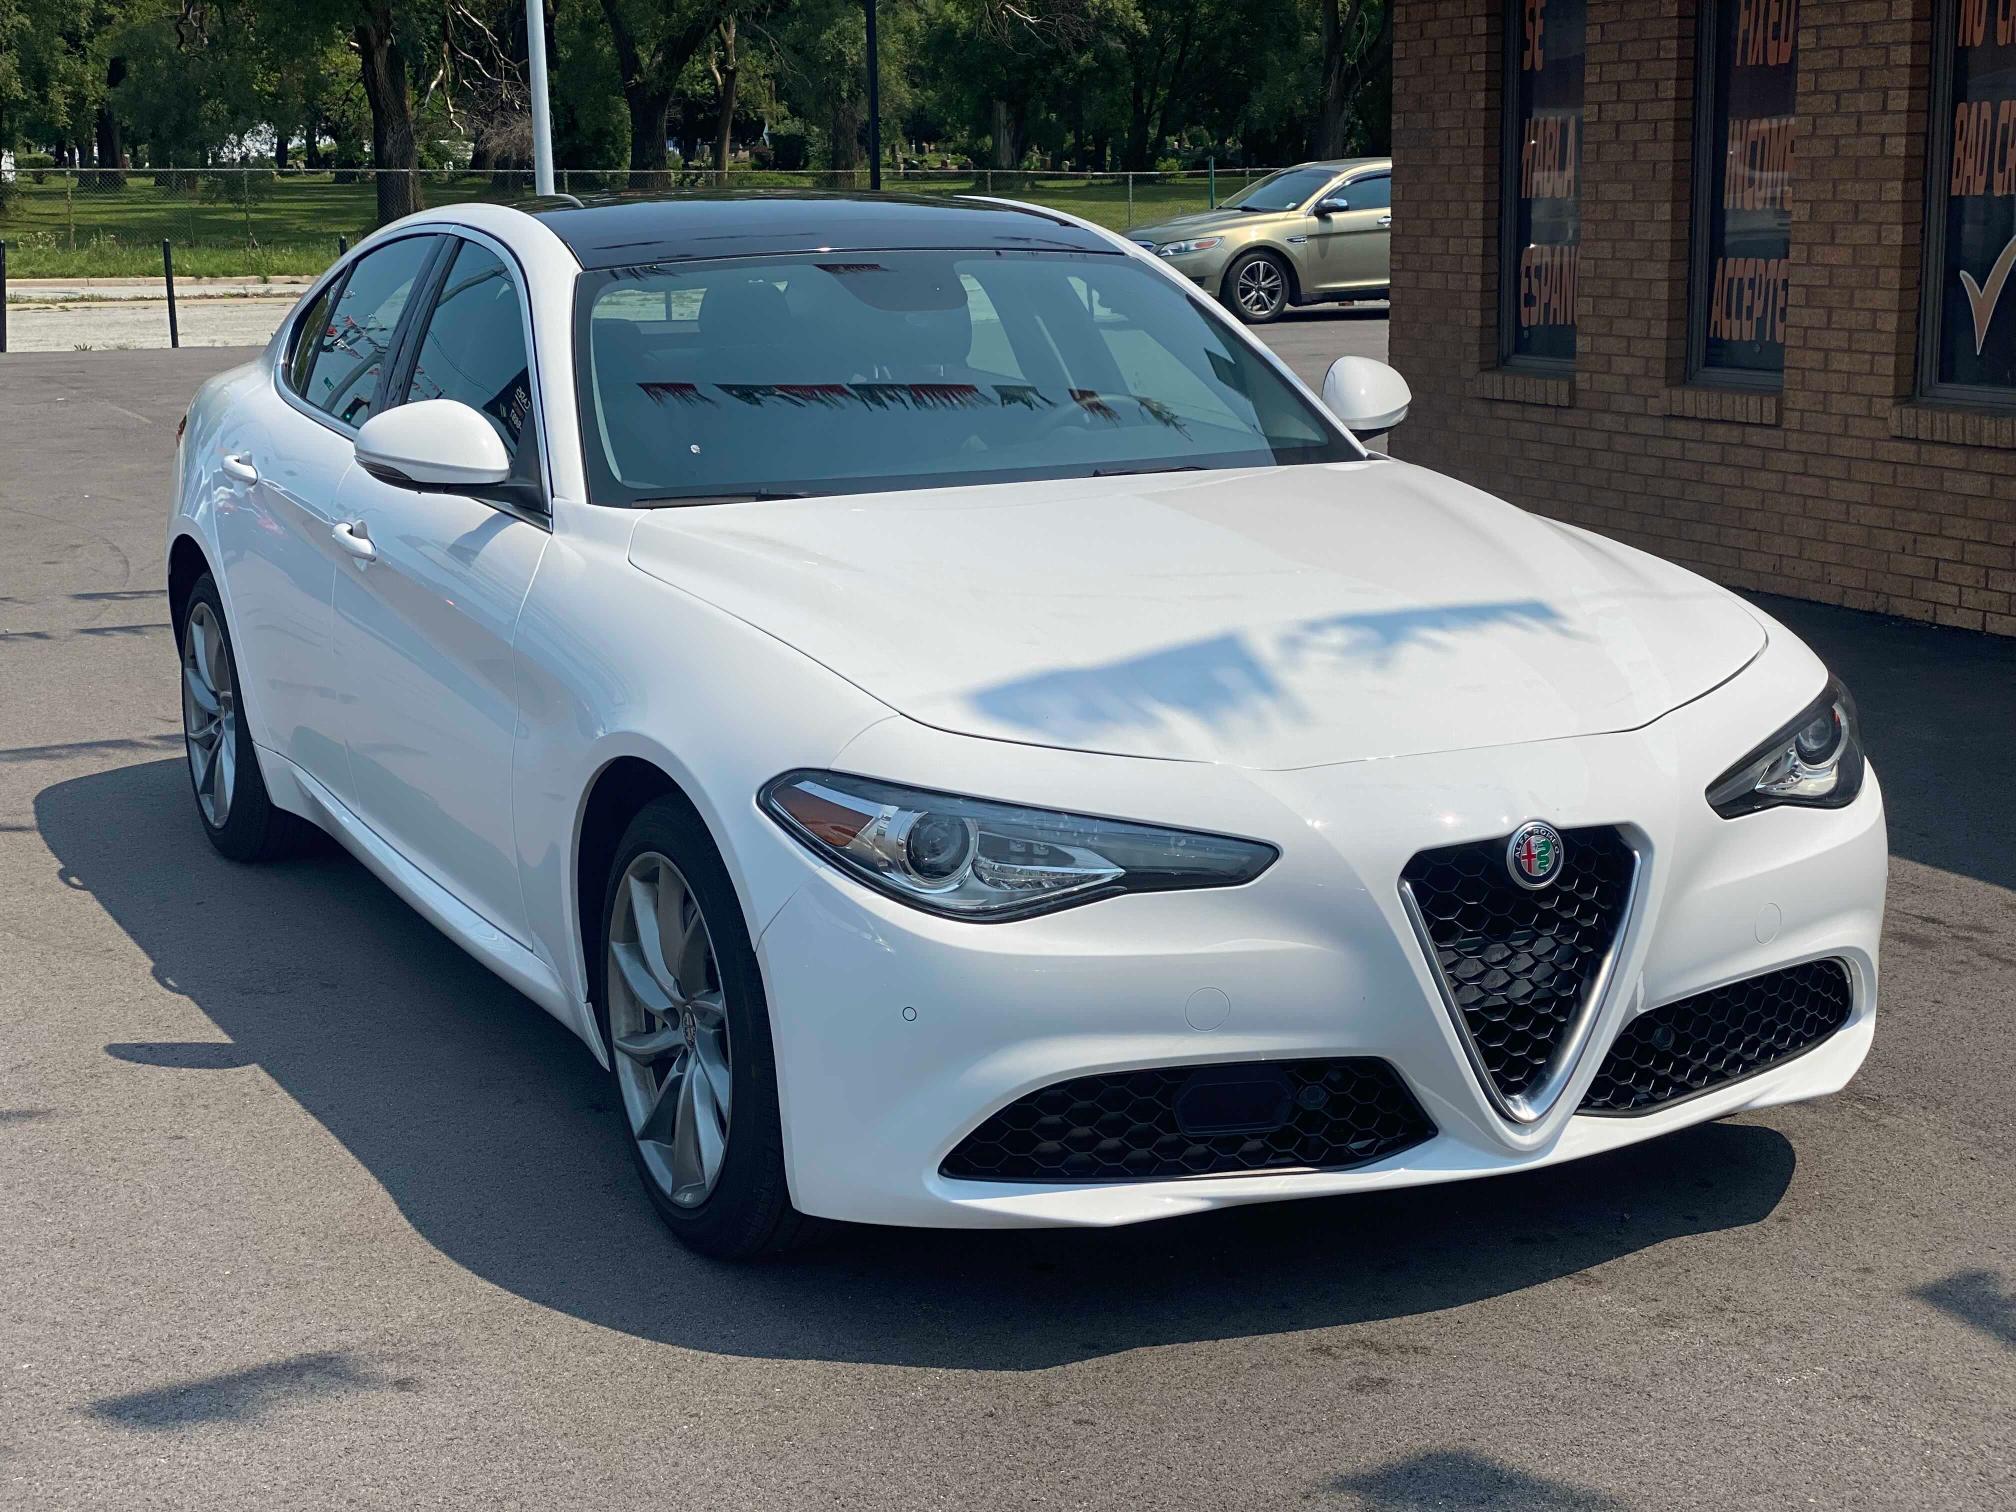 Alfa Romeo salvage cars for sale: 2017 Alfa Romeo Giulia Q4